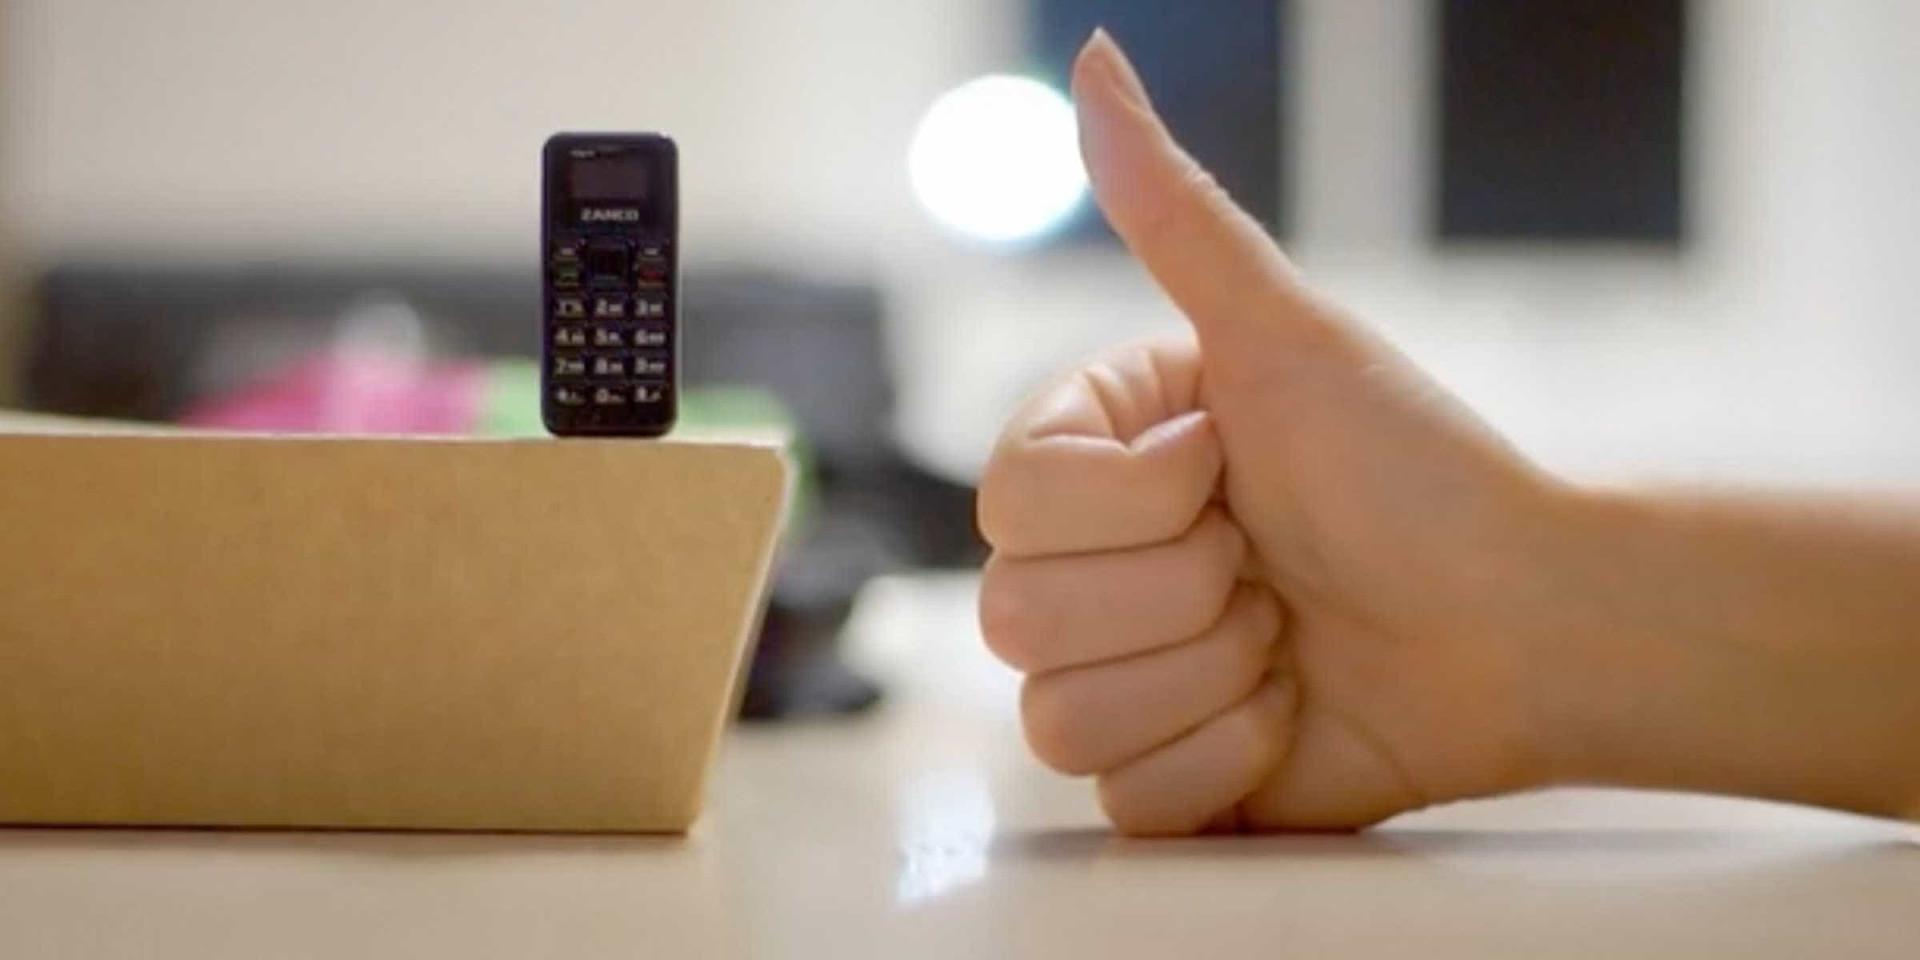 O básico dos básicos. Eis o telemóvel mais pequeno do mundo